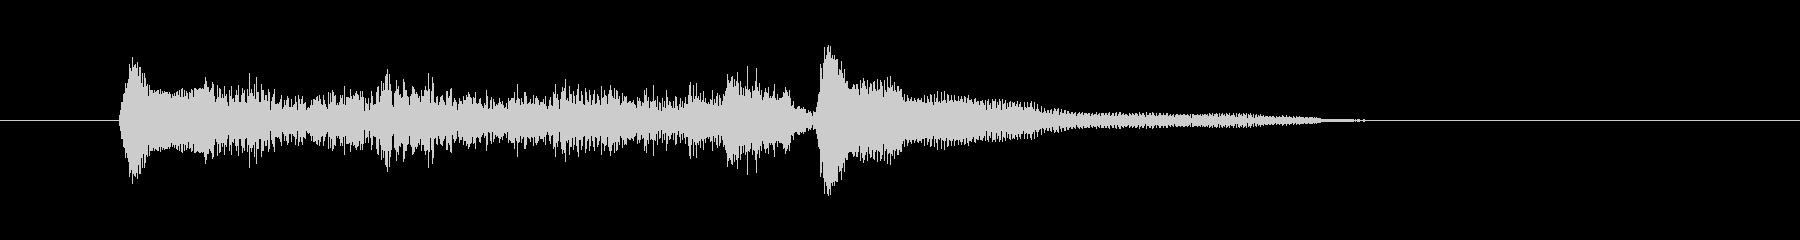 ギターの軽快なメロディーの未再生の波形